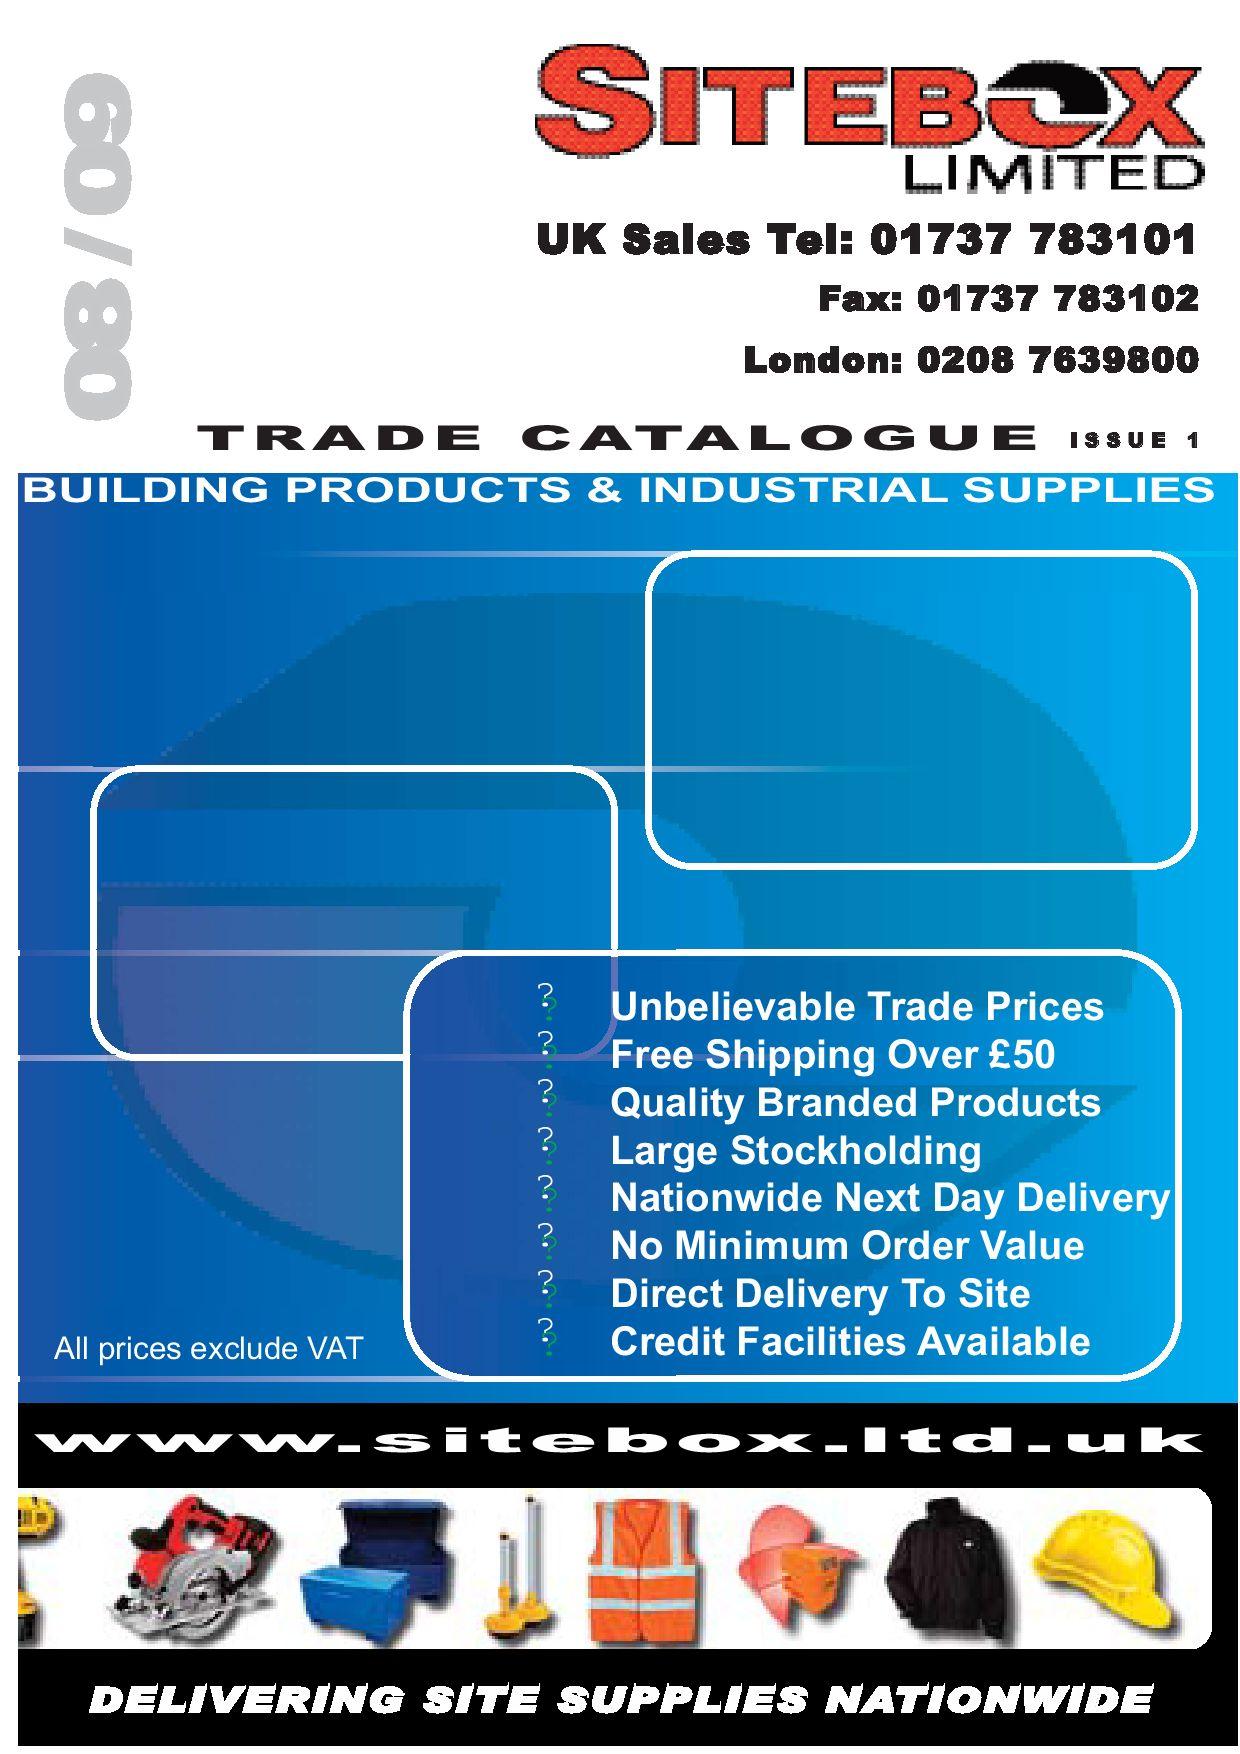 SiteBox Ltd Catalog 2008-09 by David Courtney - issuu